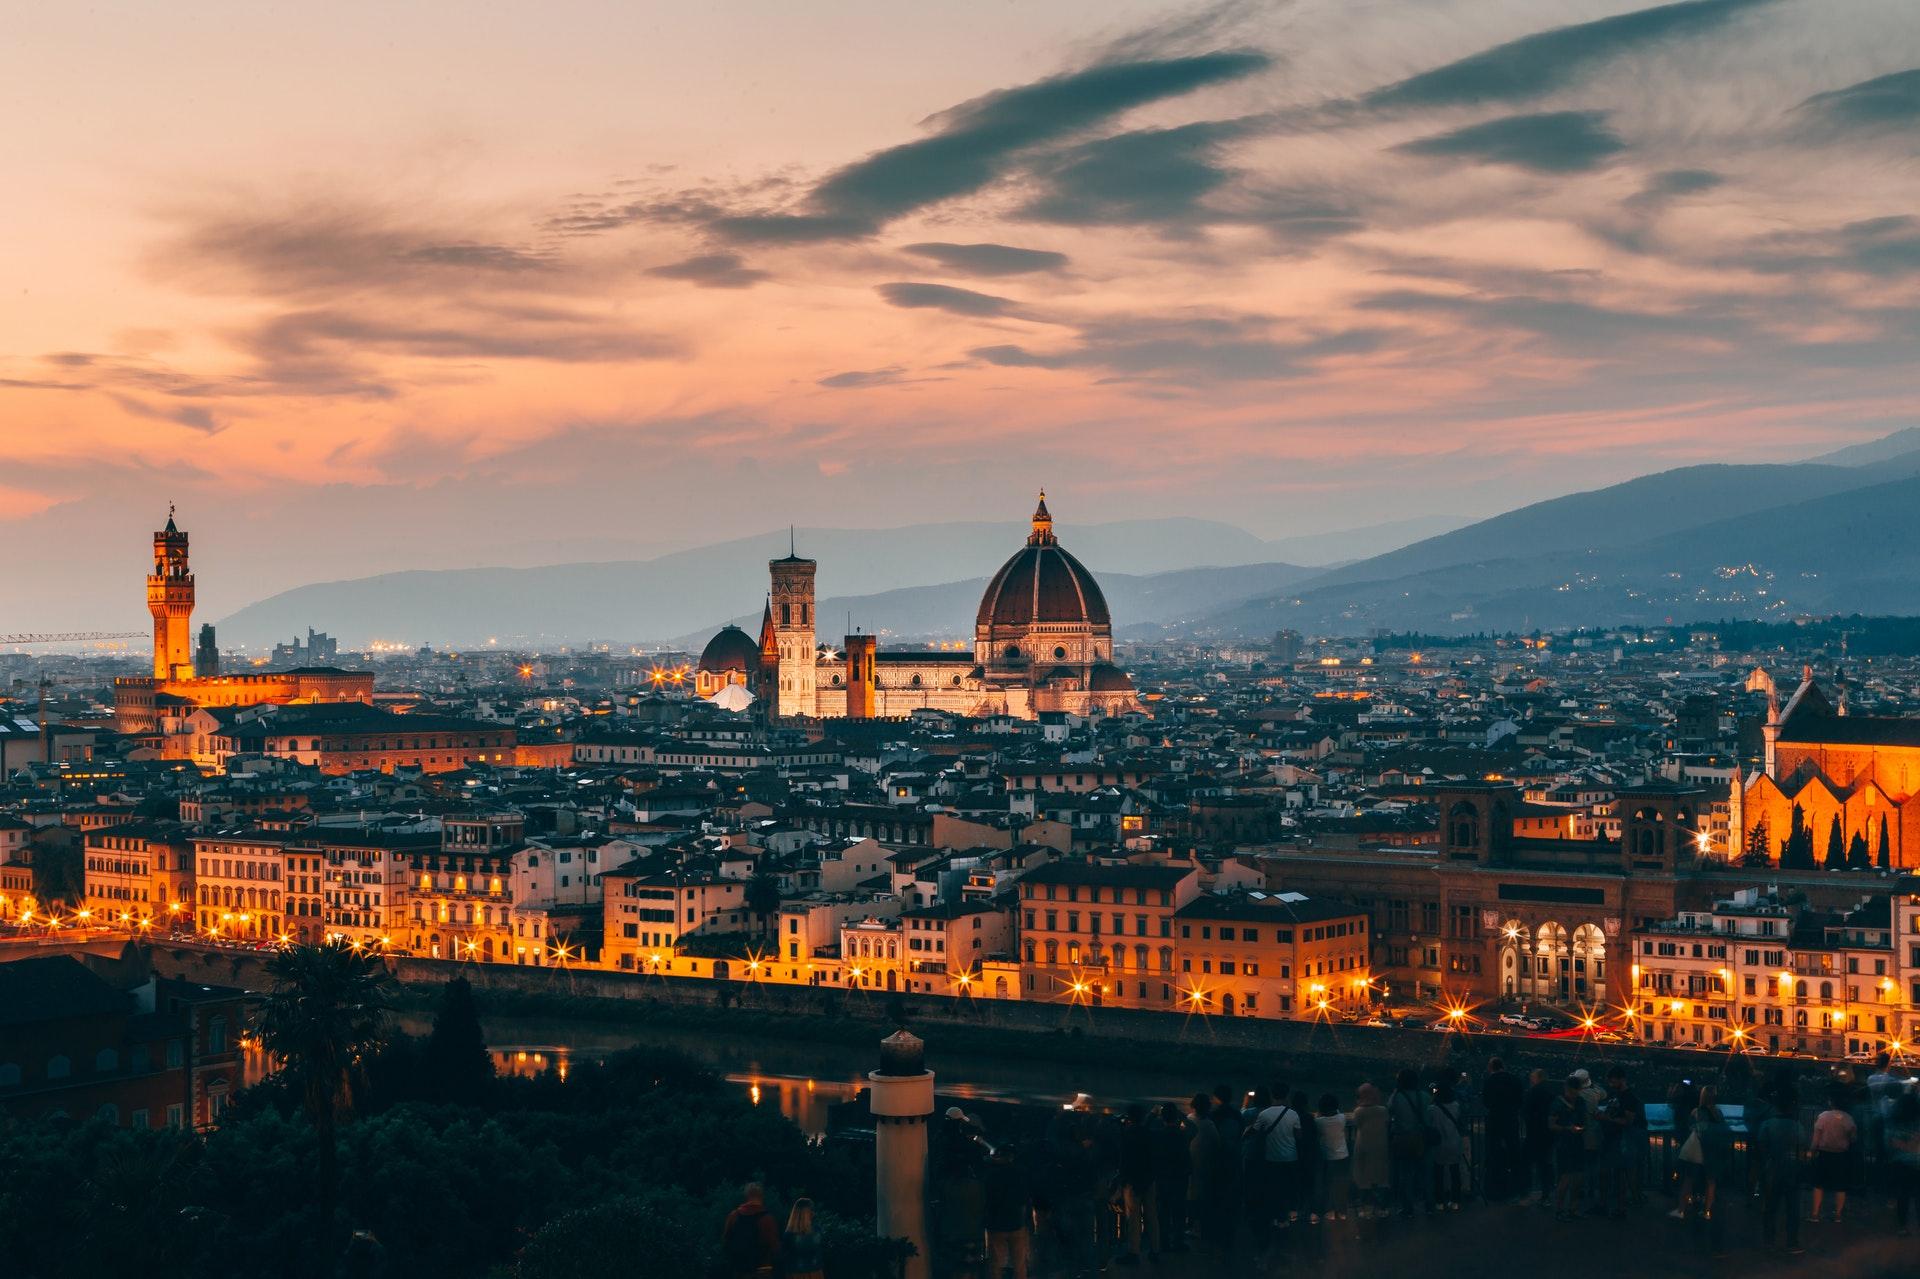 Italia e mostre: il paese delle meraviglie